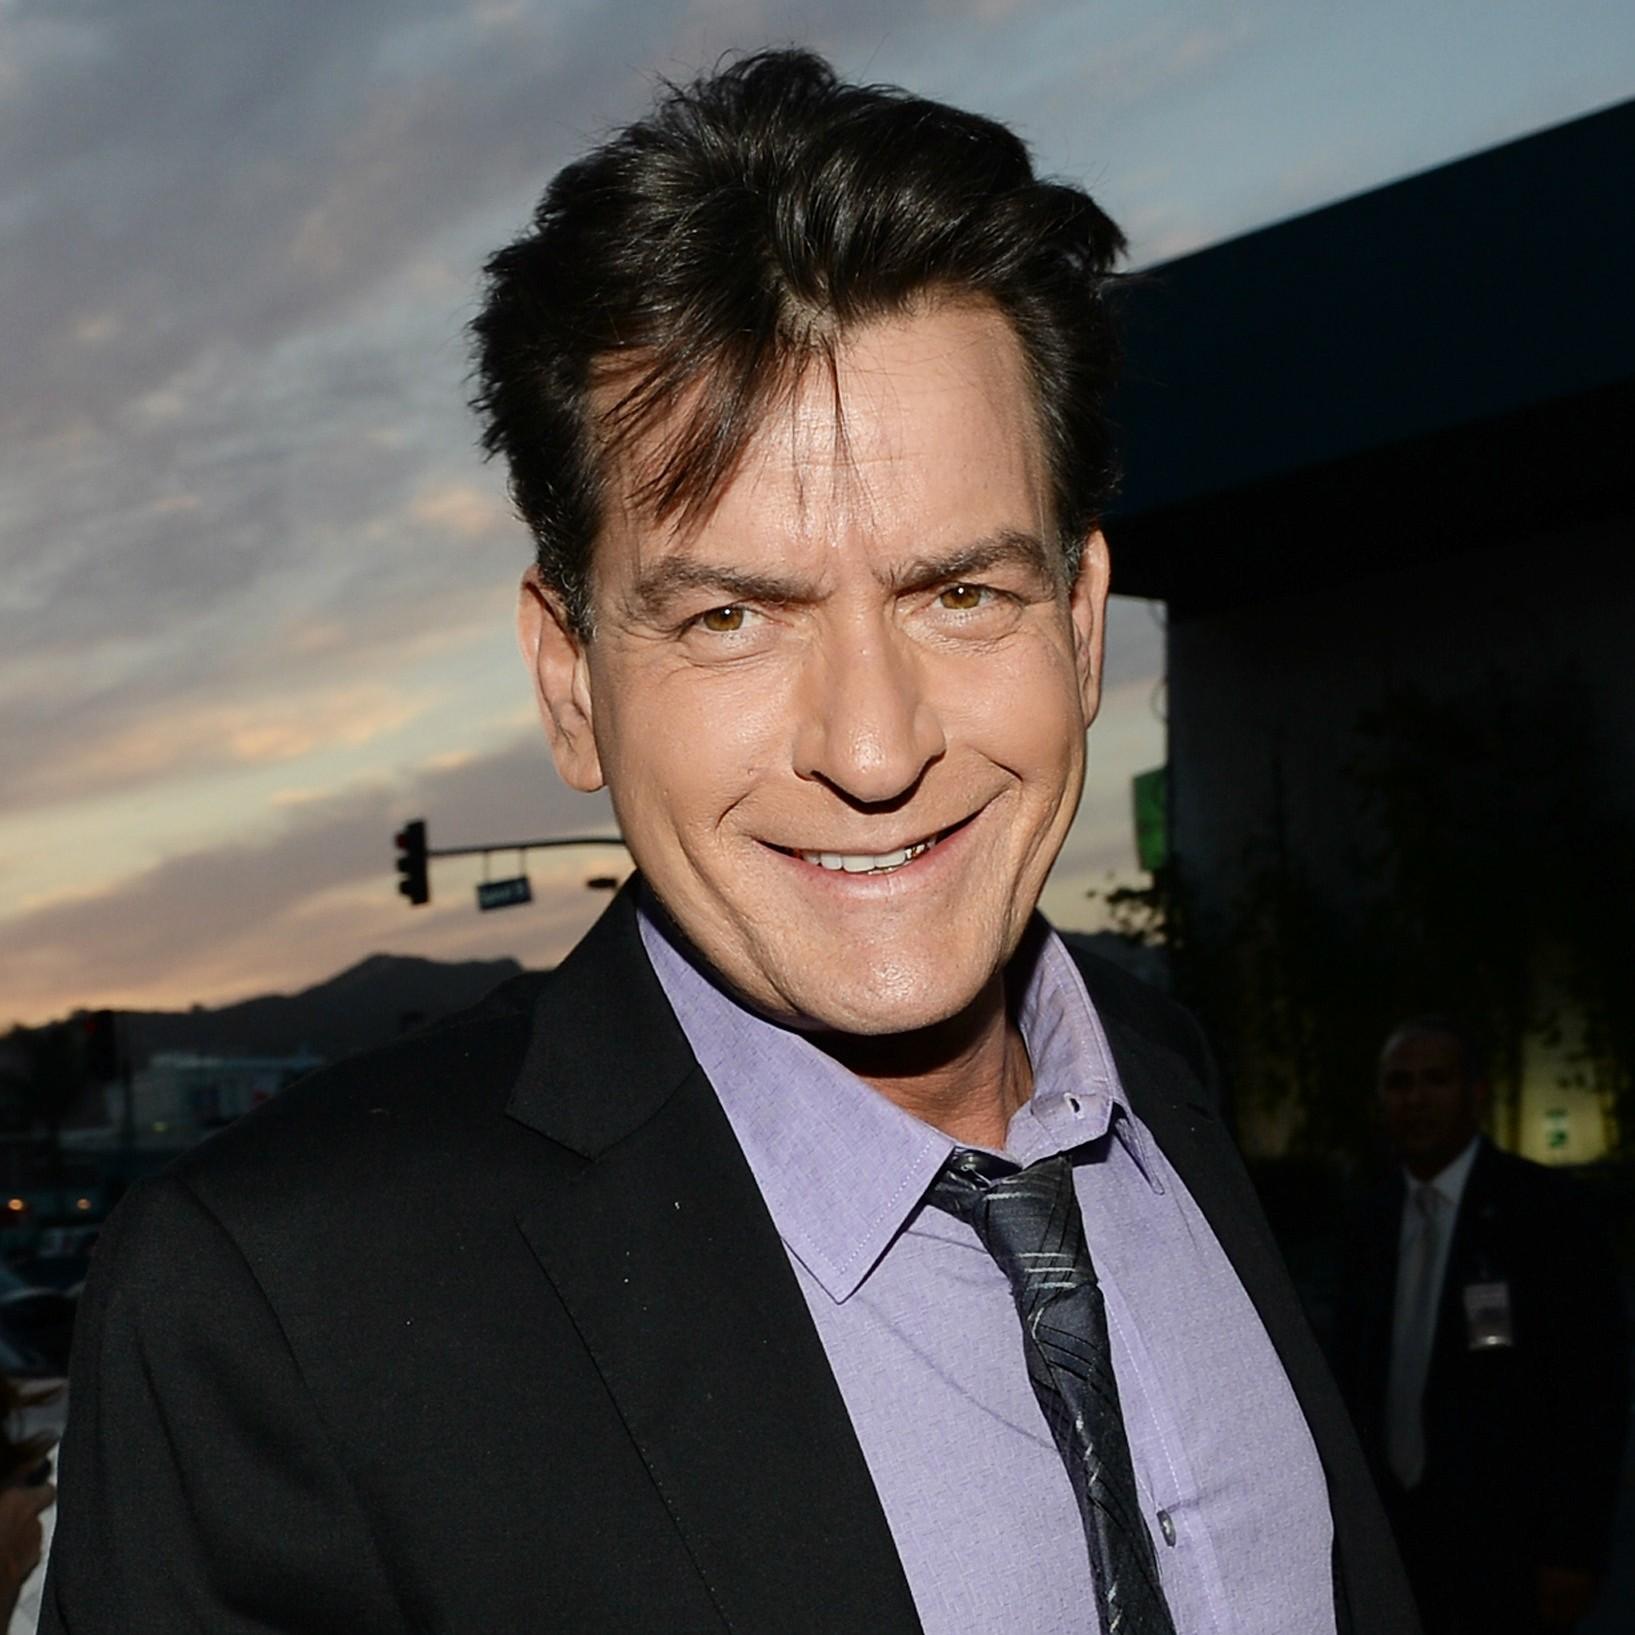 Carlos Irwin Estevez deu um chega pra lá na própria latinidade e virou Charlie Sheen. (Foto: Getty Images)